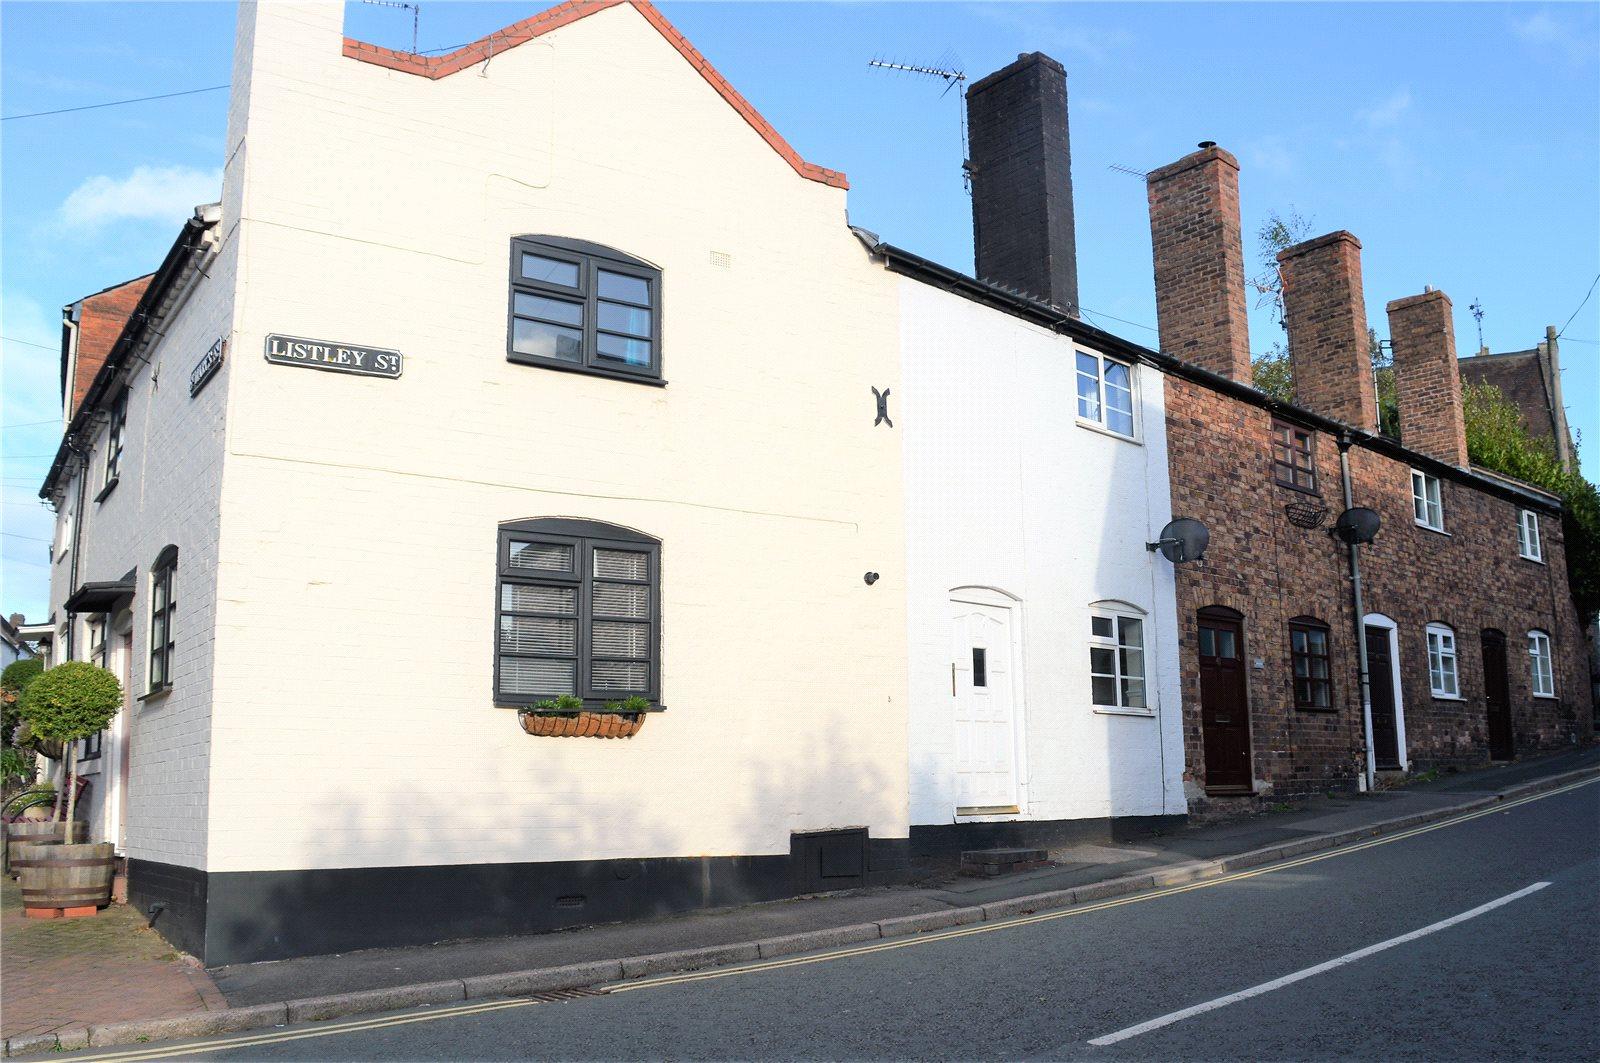 42 Listley Street, Bridgnorth, Shropshire, WV16